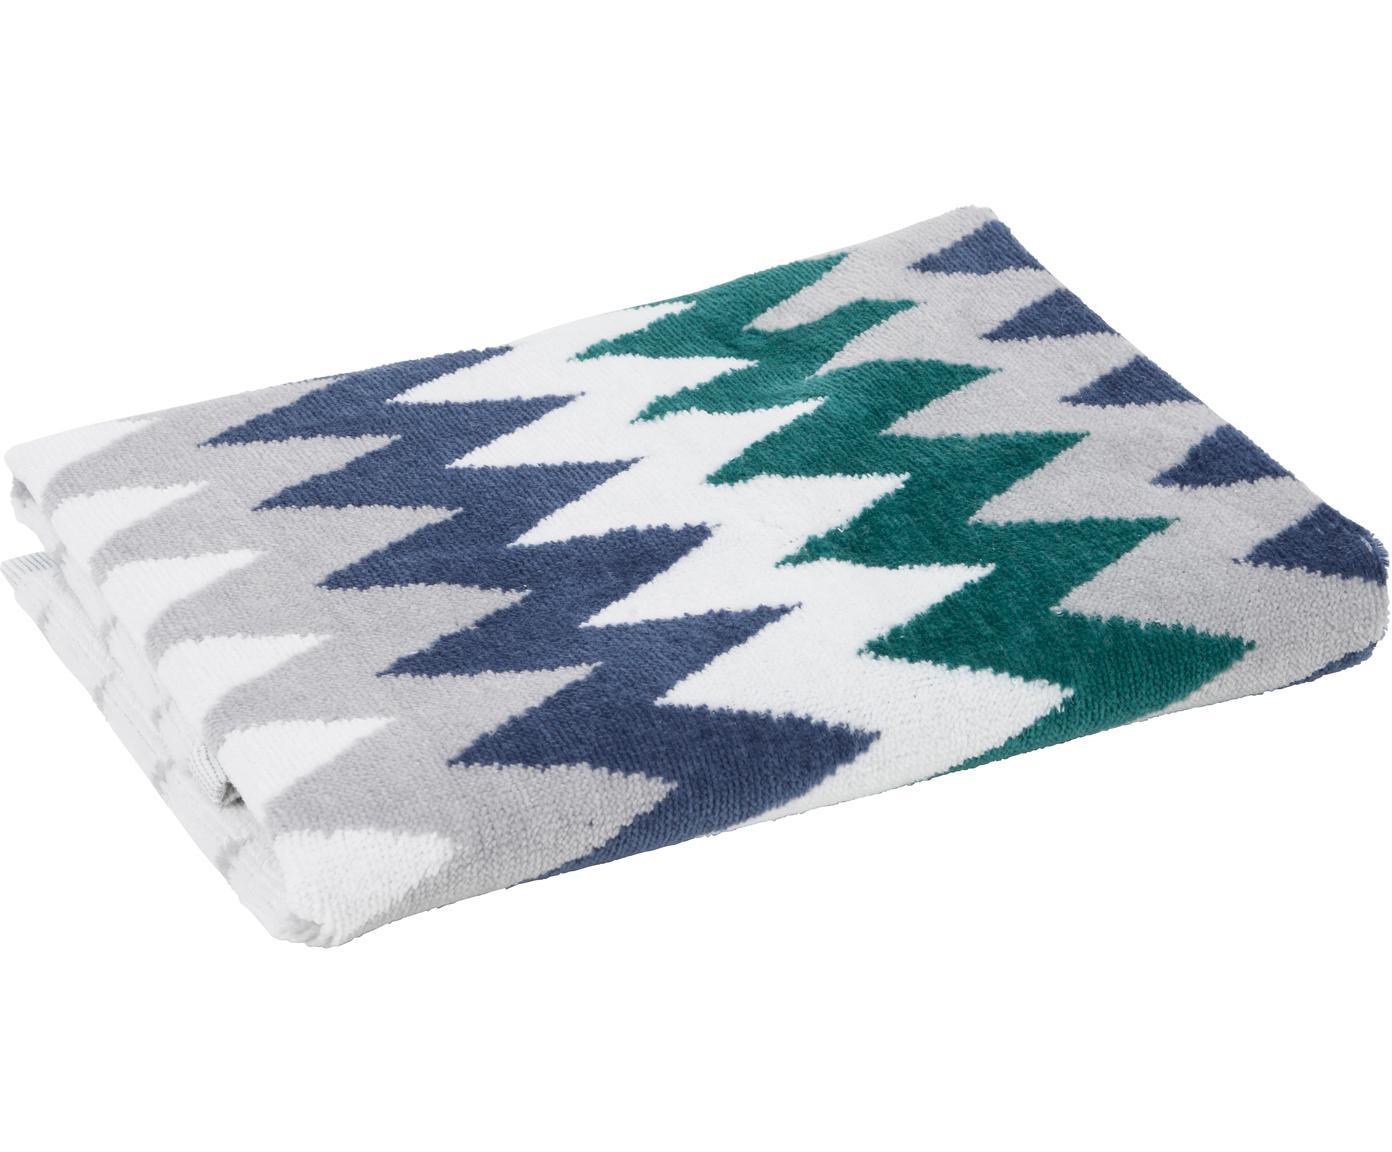 Handtuch Hanneke mit Zickzack-Muster, 100% Baumwolle, Blau, Grau, Weiss, Grün, Gästehandtuch